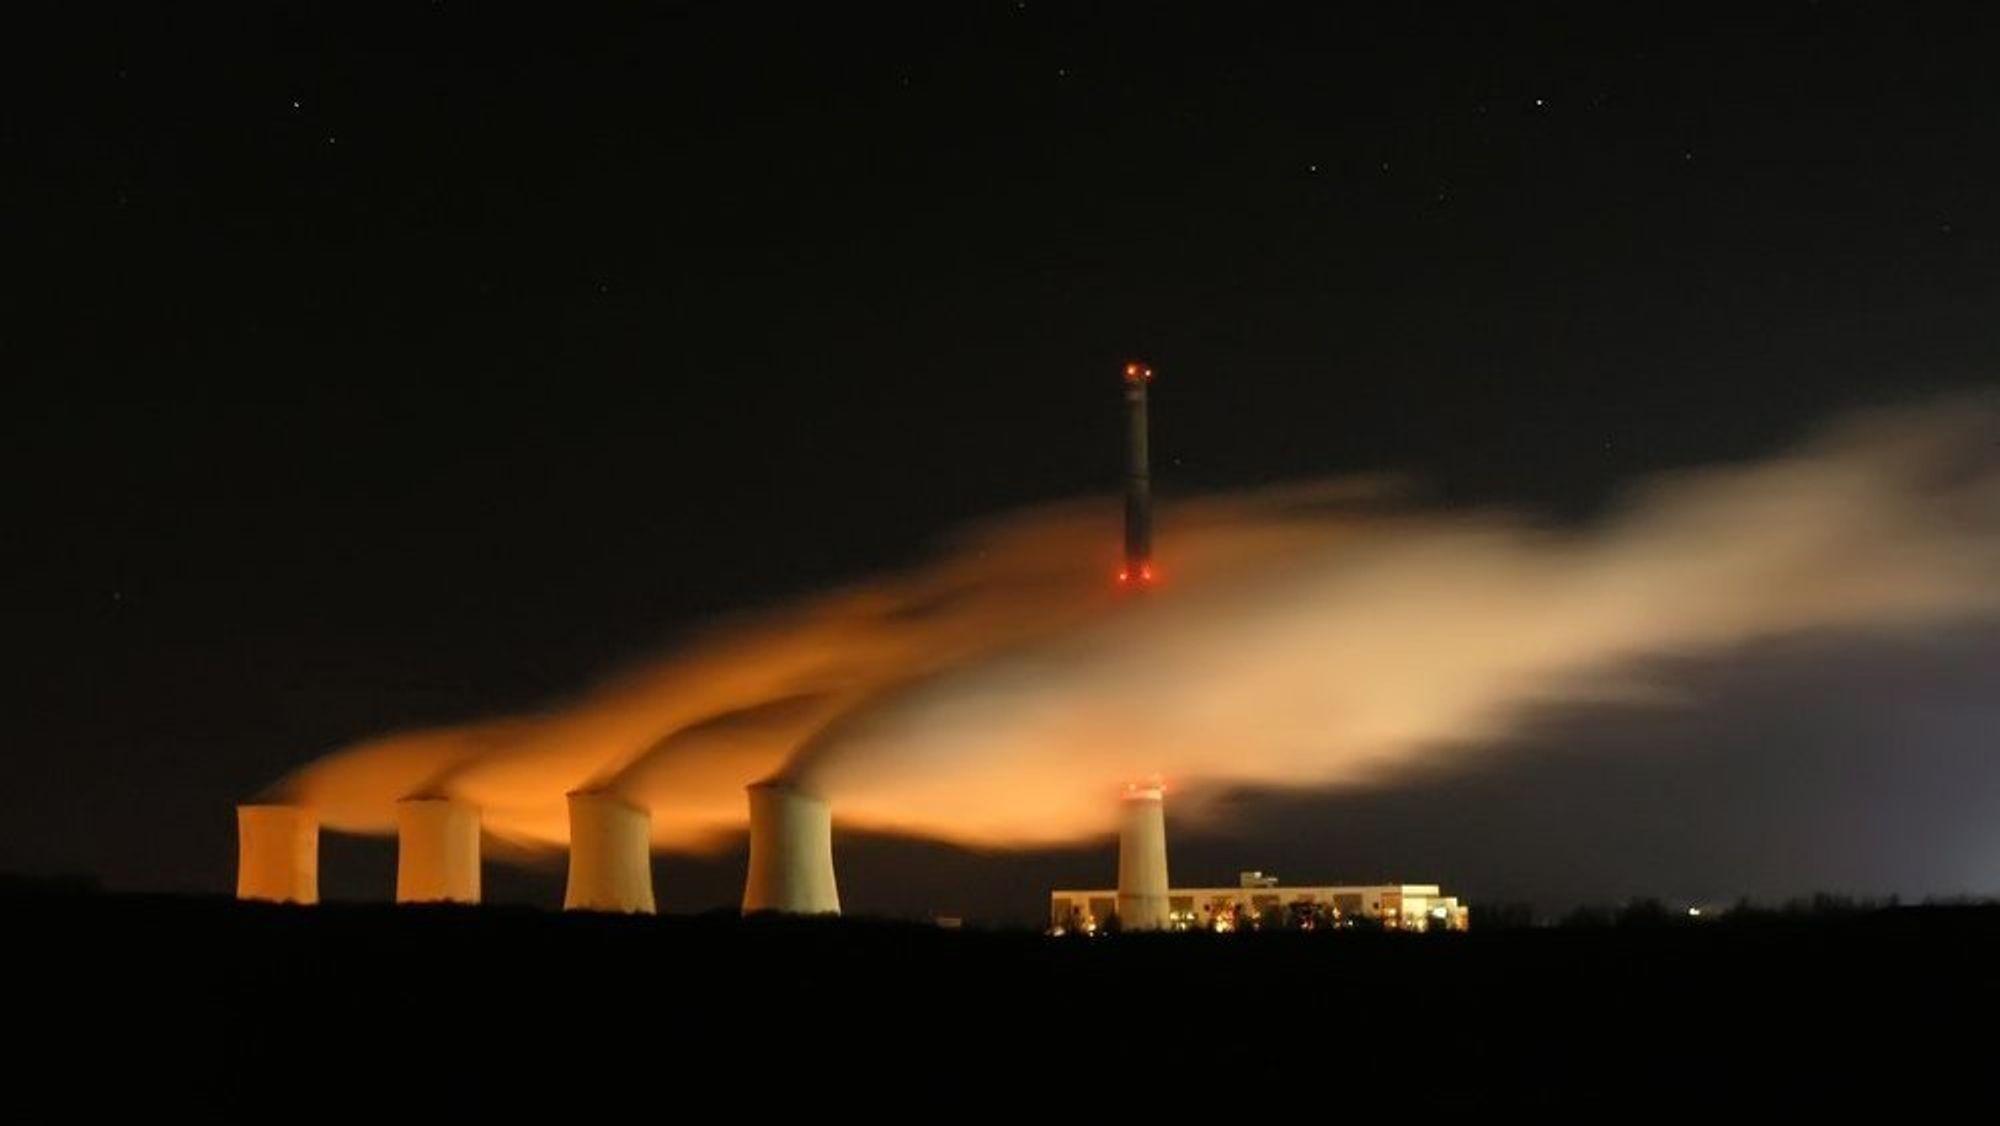 Bare ett, nedskalert CO2-fangst-prosjekt er blitt gjennomført gjennom EEPR- og NER300-programmene etter at EU satte av en milliard euro til CO2-fangst i 2009.